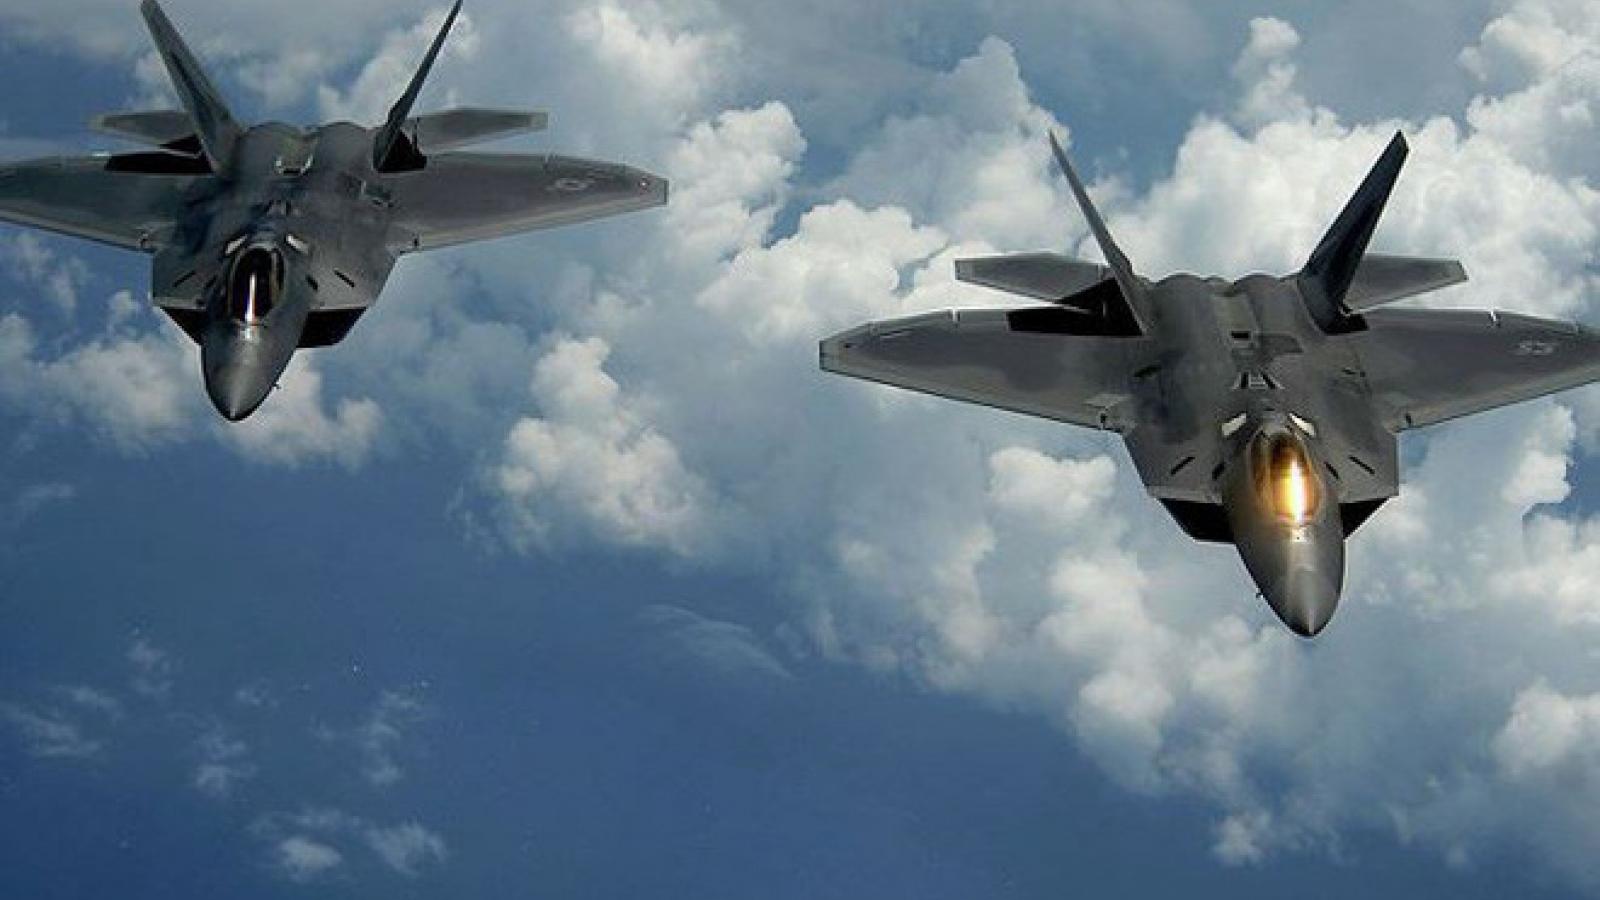 """Thước phim quay chậm chuyển động đầy ngoạn mục của tiêm kích """"chim ăn thịt"""" F-22 Raptor"""